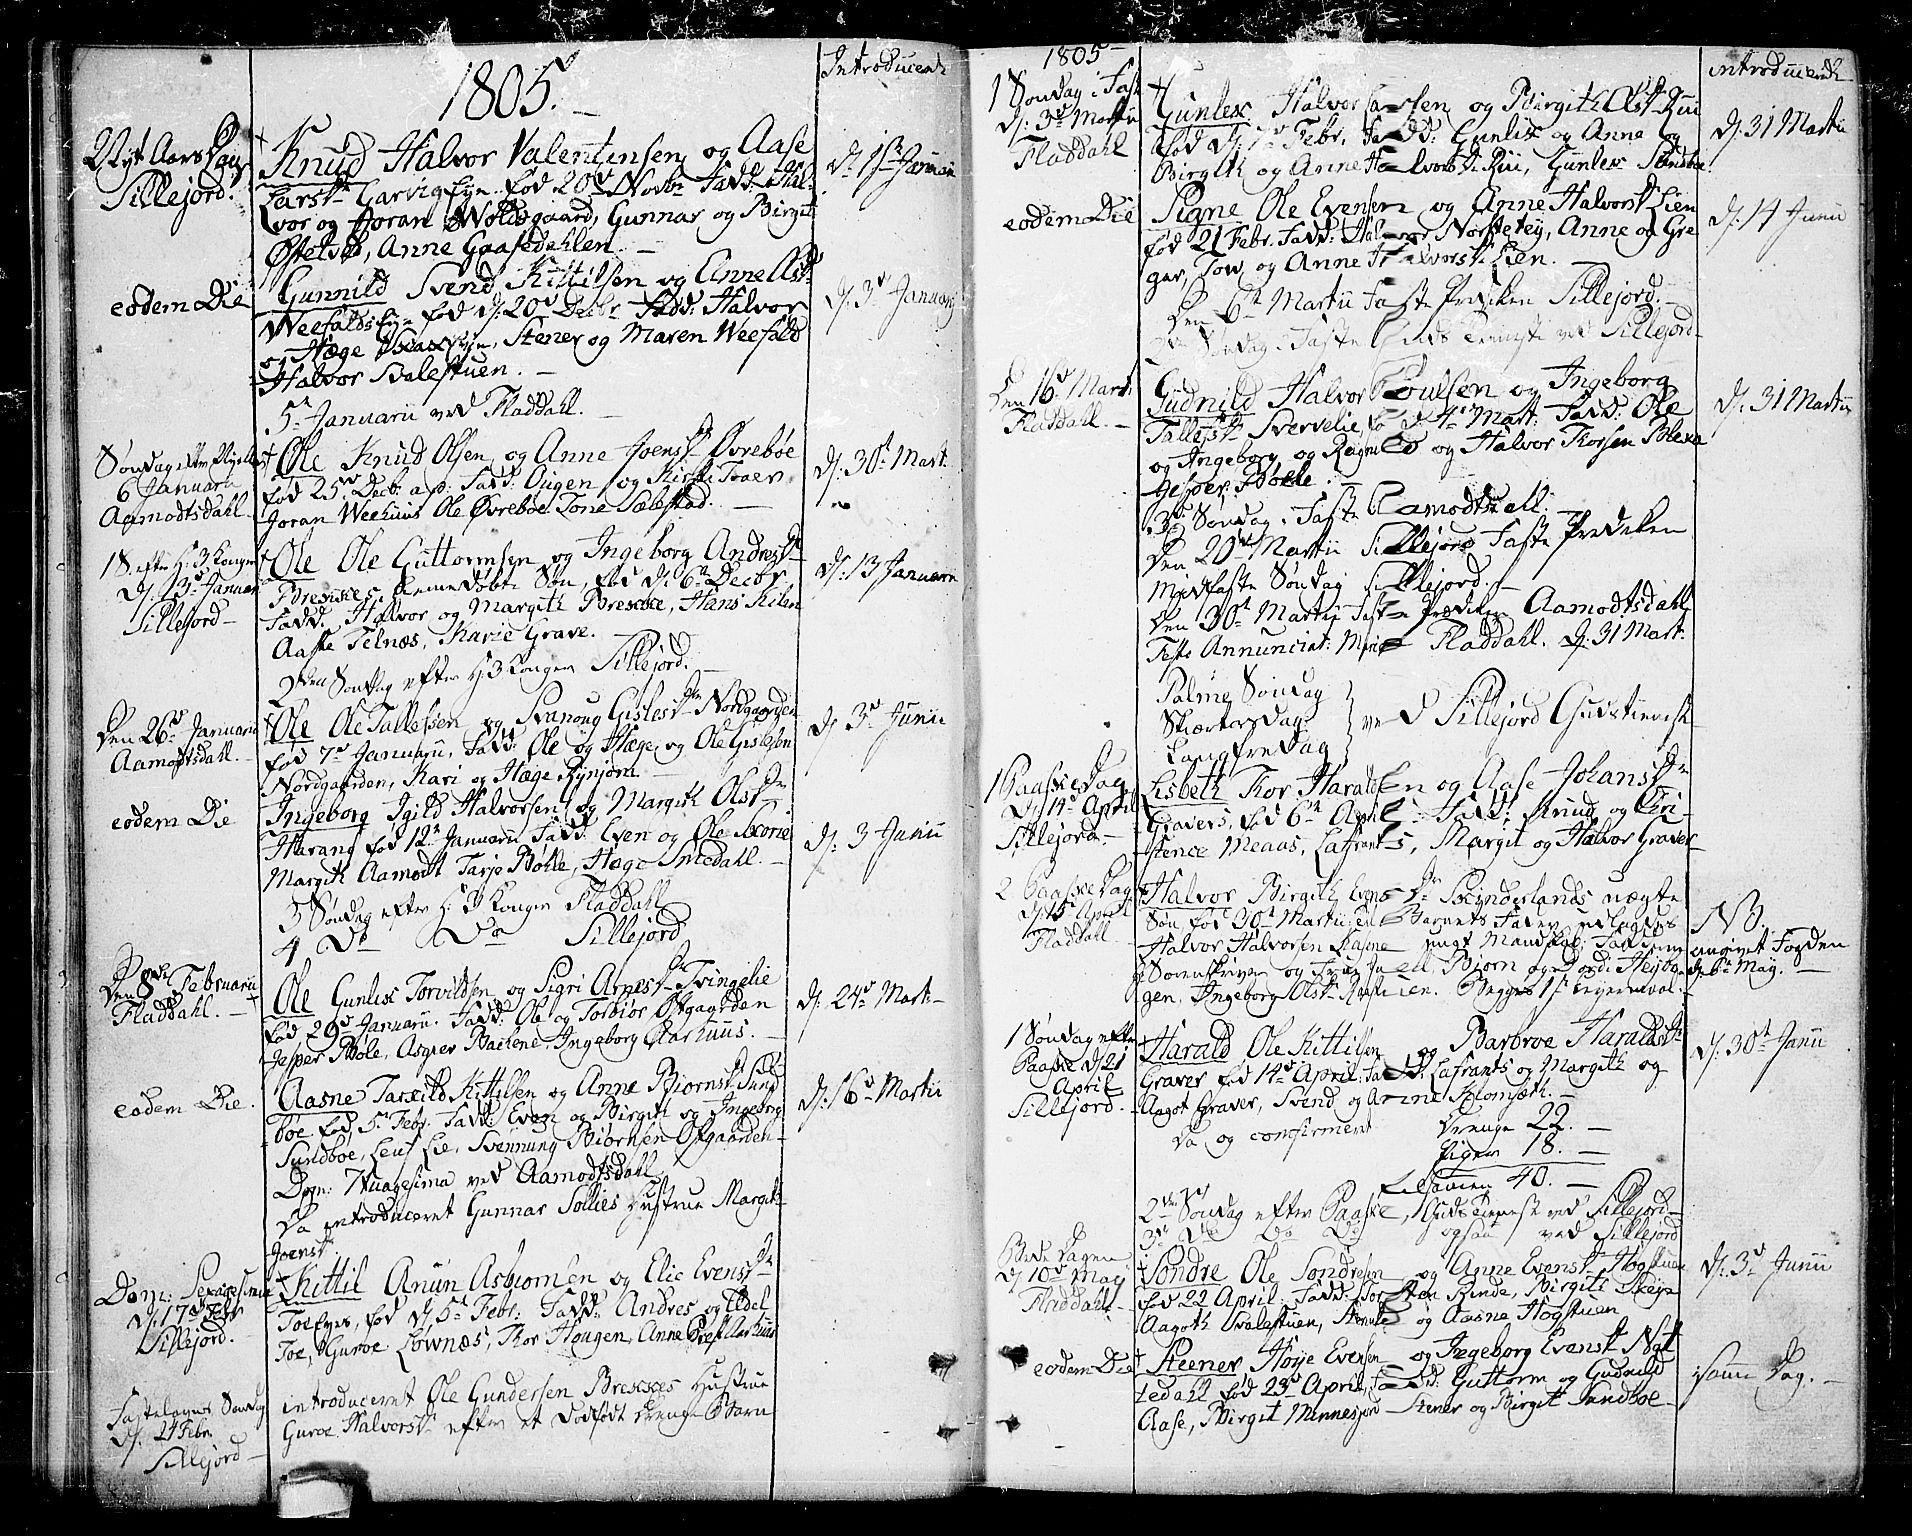 SAKO, Seljord kirkebøker, F/Fa/L0009: Ministerialbok nr. I 9, 1801-1814, s. 19